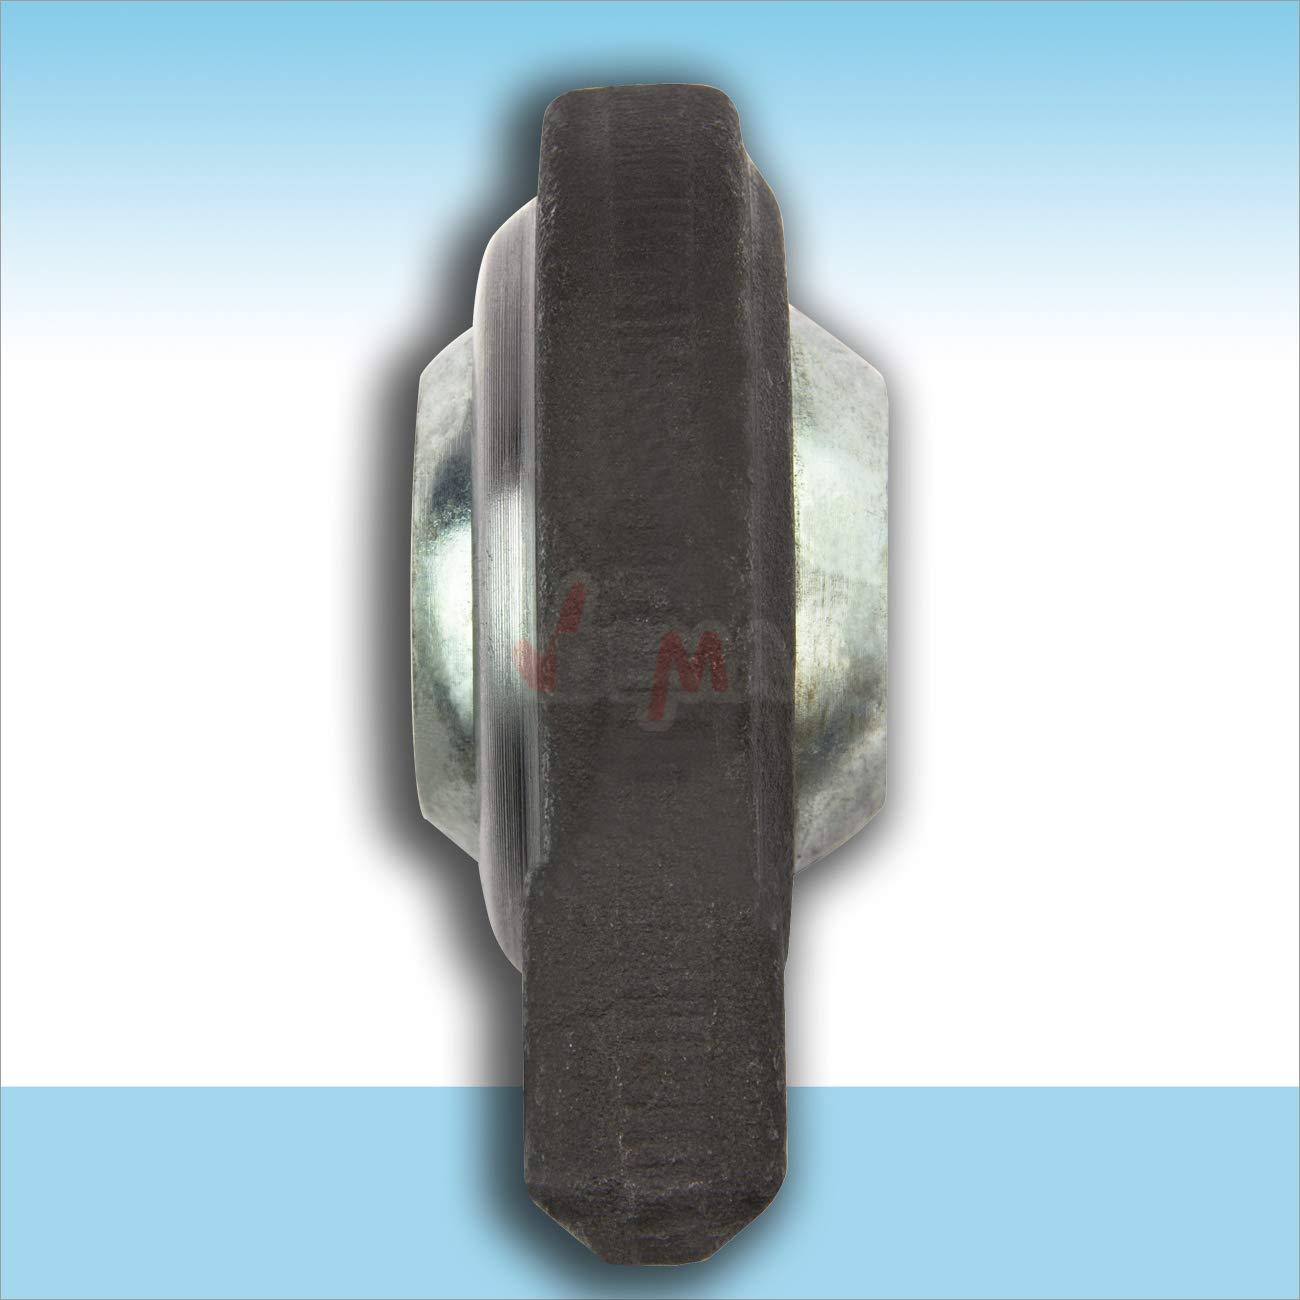 Kugelgelenk für Unterlenker Kat 1   19mm